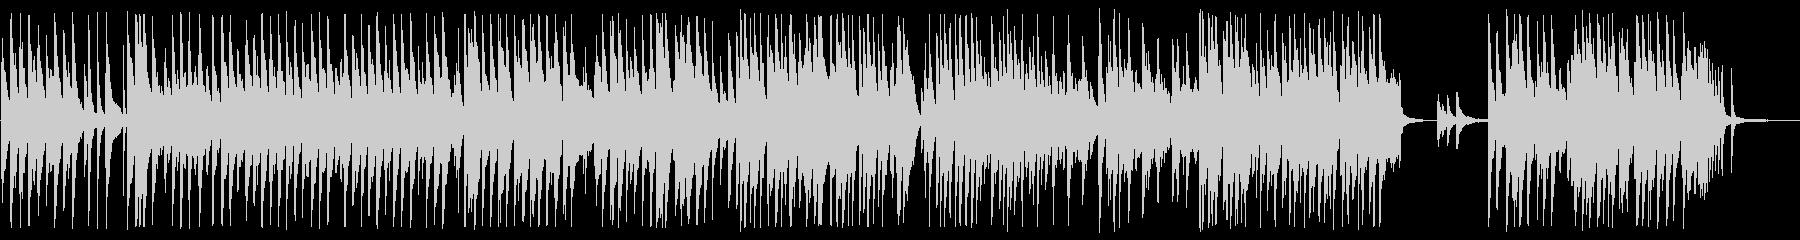 卒業生退場に合うピアノBGMの未再生の波形